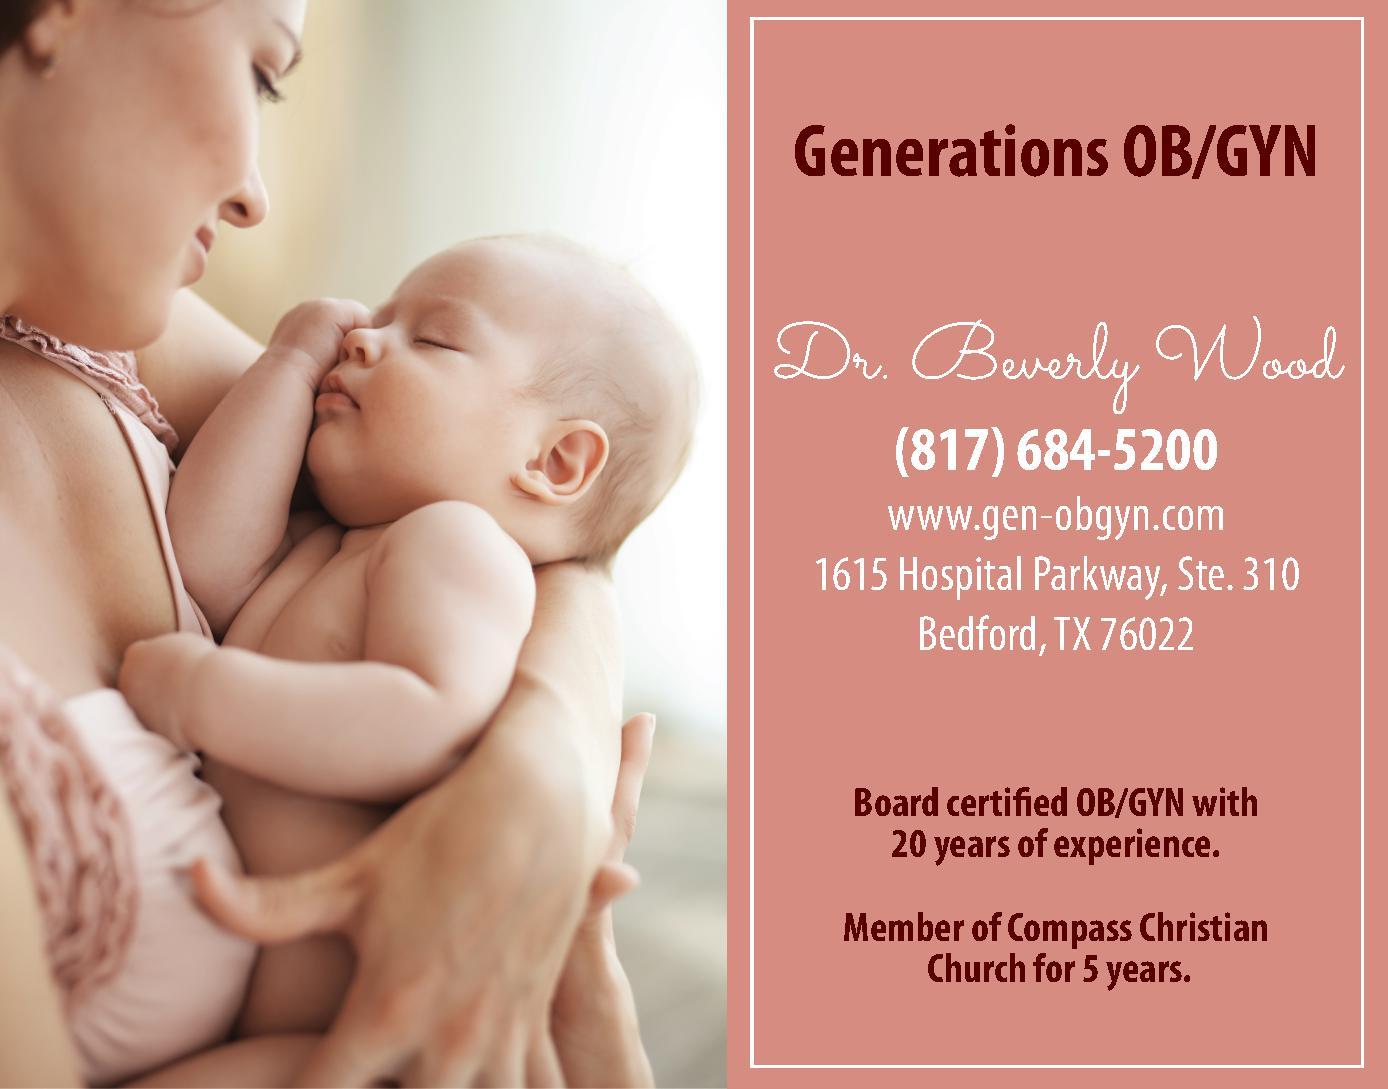 Generations OB/GYN